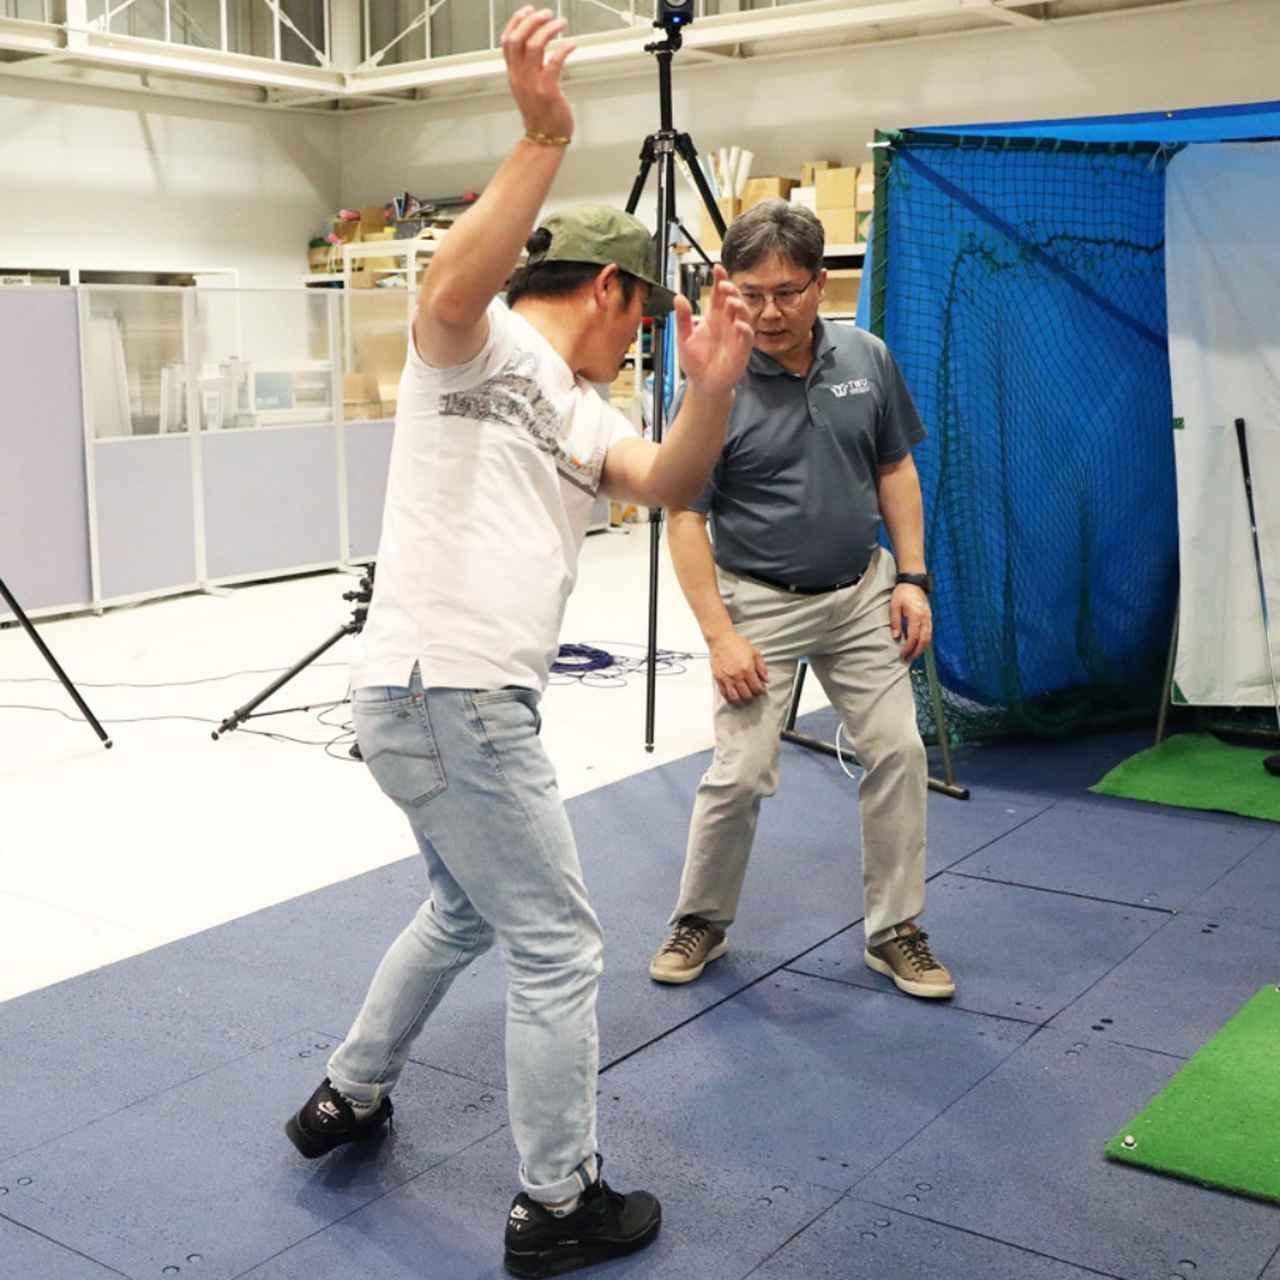 画像: 虎さんはテークバックで右に体重が移動せず、常に左足体重で振っているために、左腰に負担がかかりやすいとクォン教授は指摘